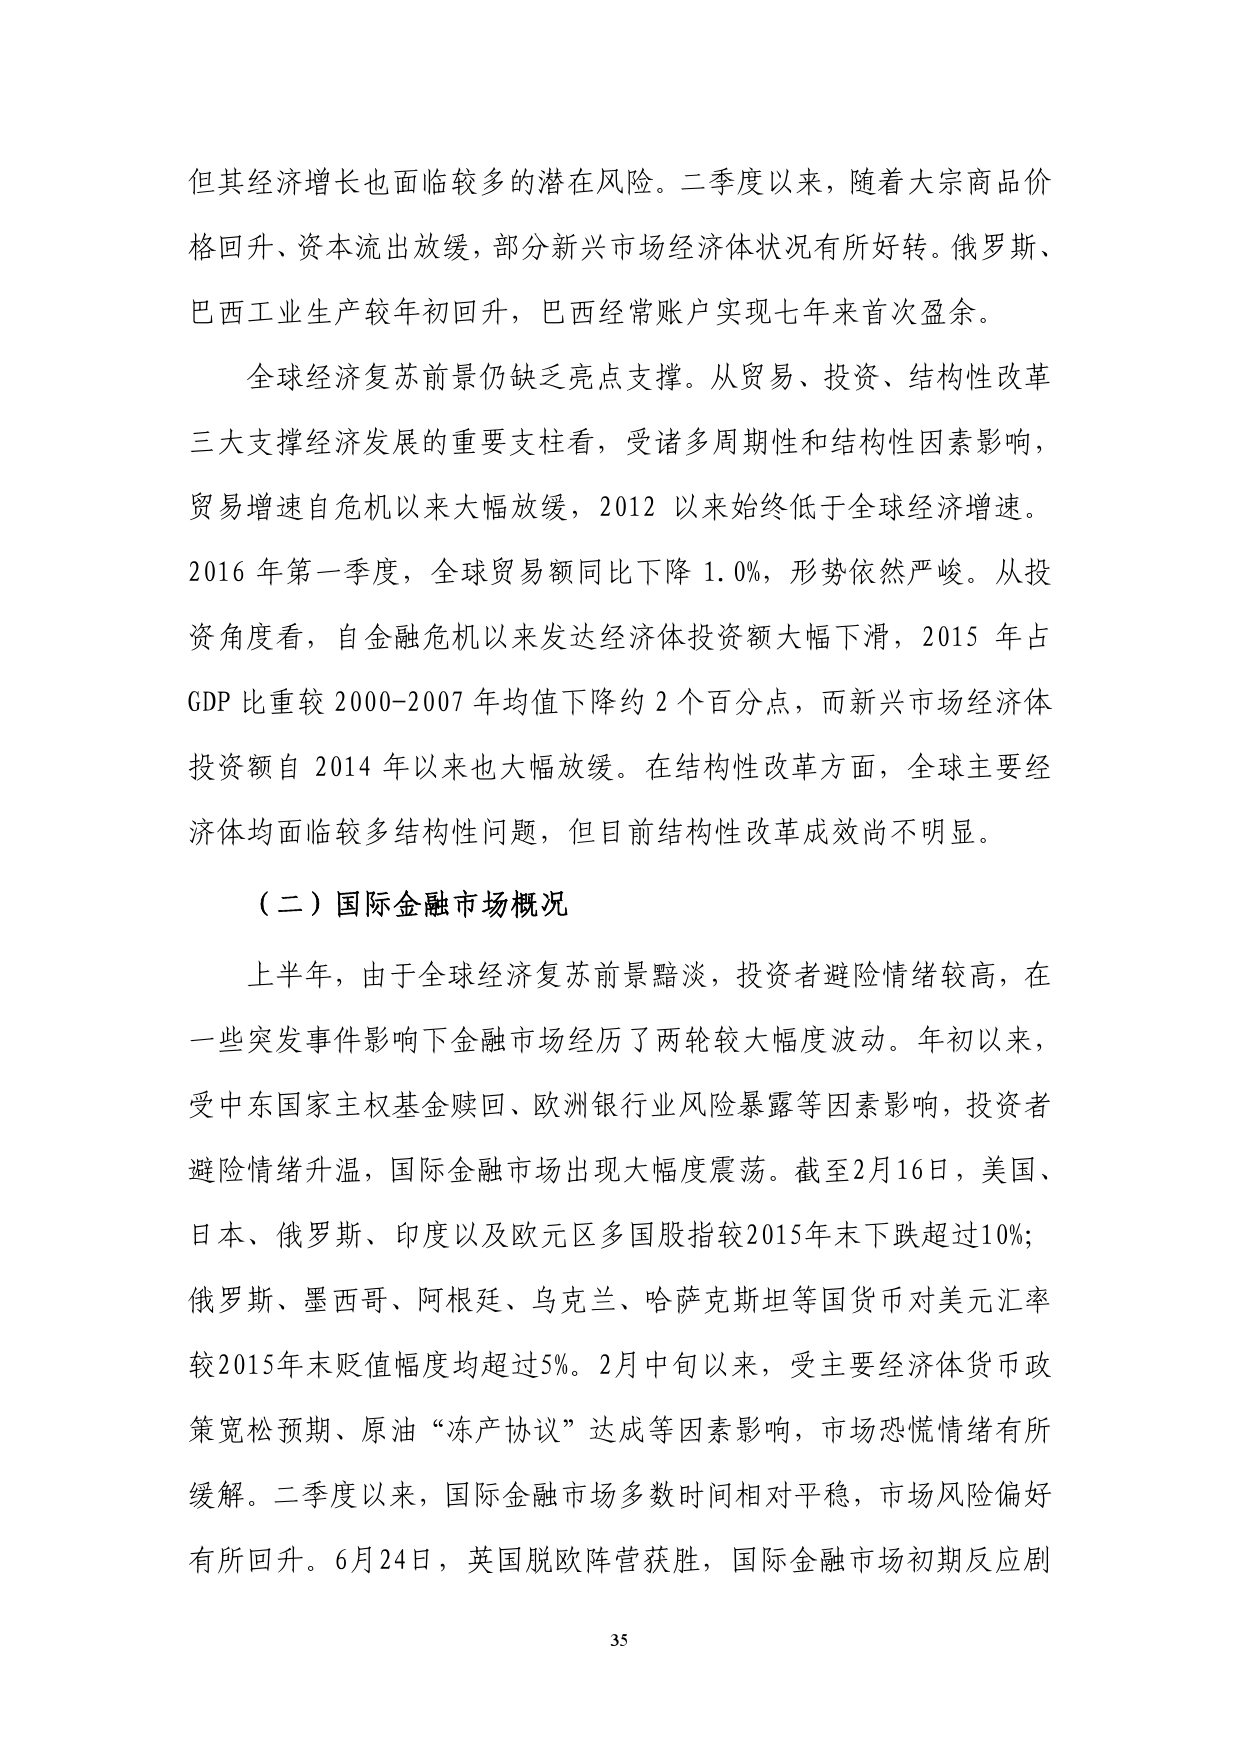 2016年Q2中国货币政策执行报告_000041